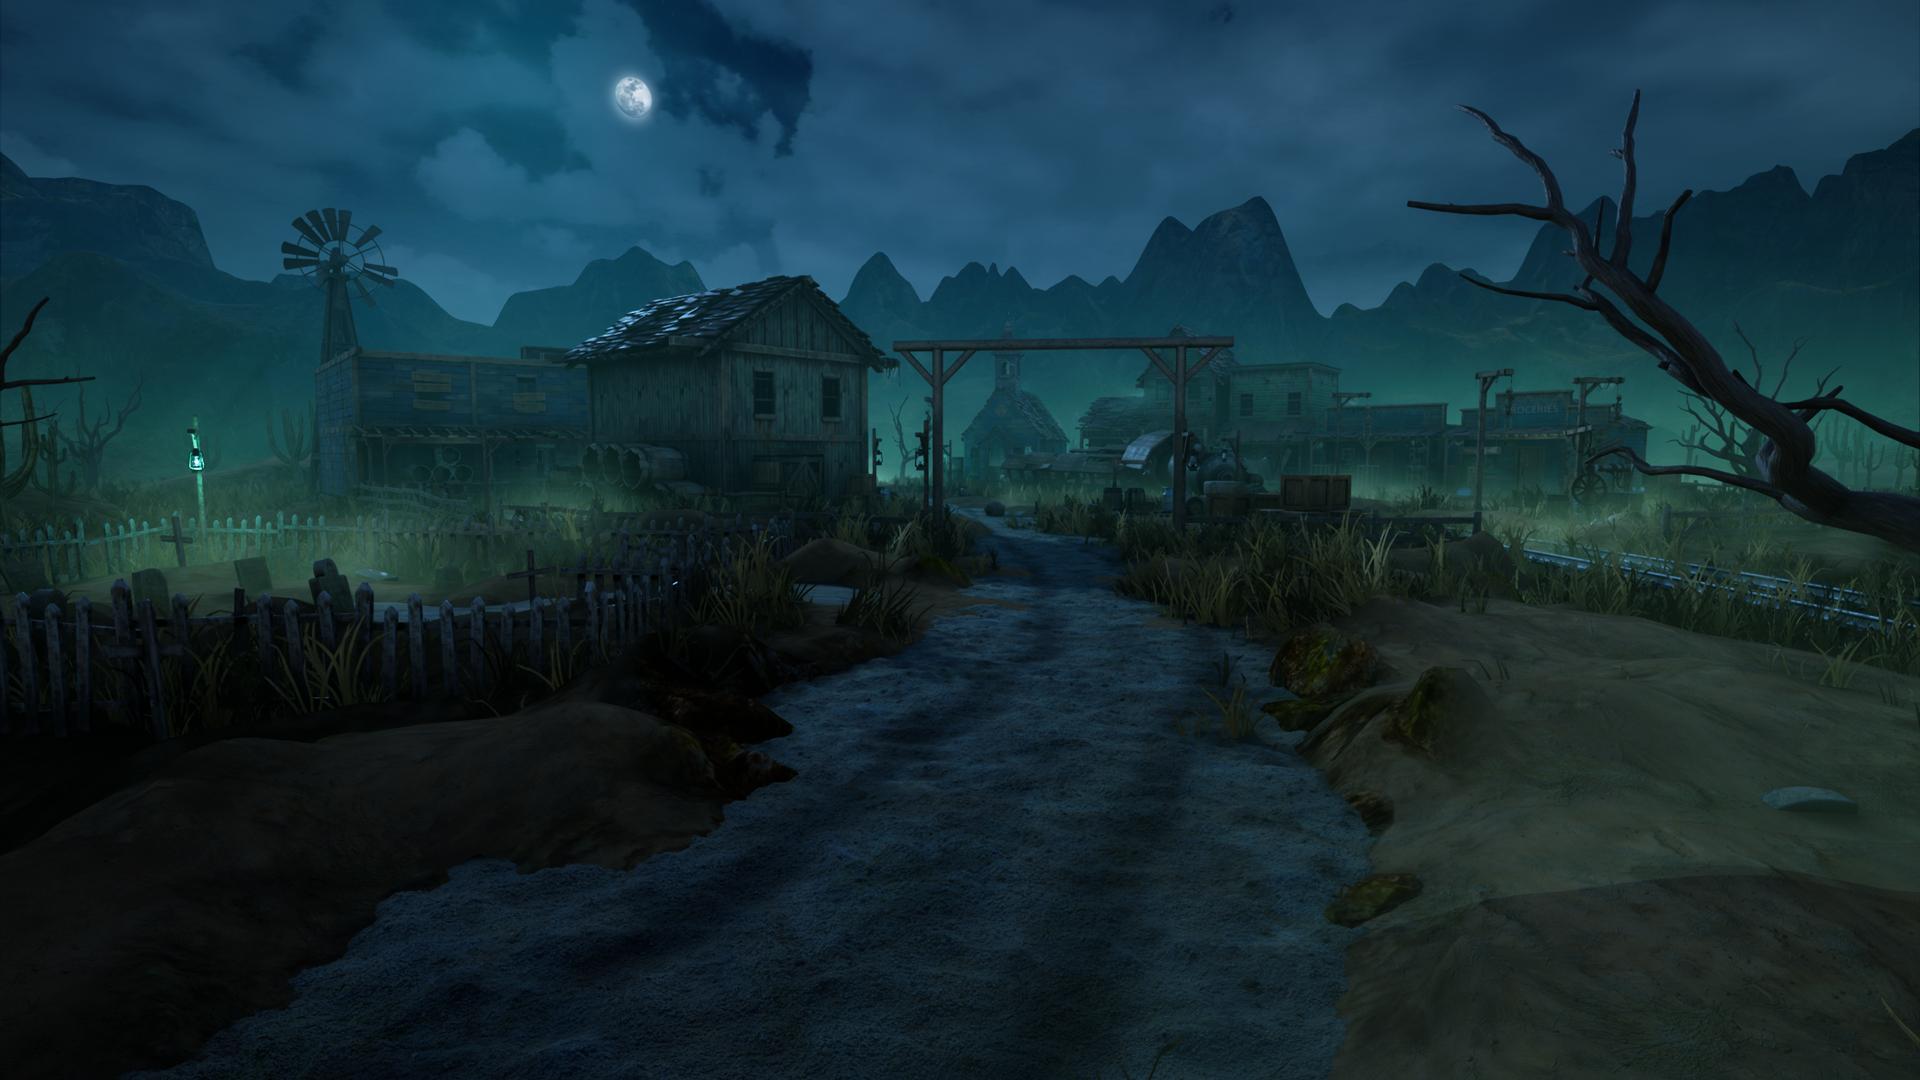 Finished] Ghost Town Fogmourn - Artstation Wild West Challenge [UE4